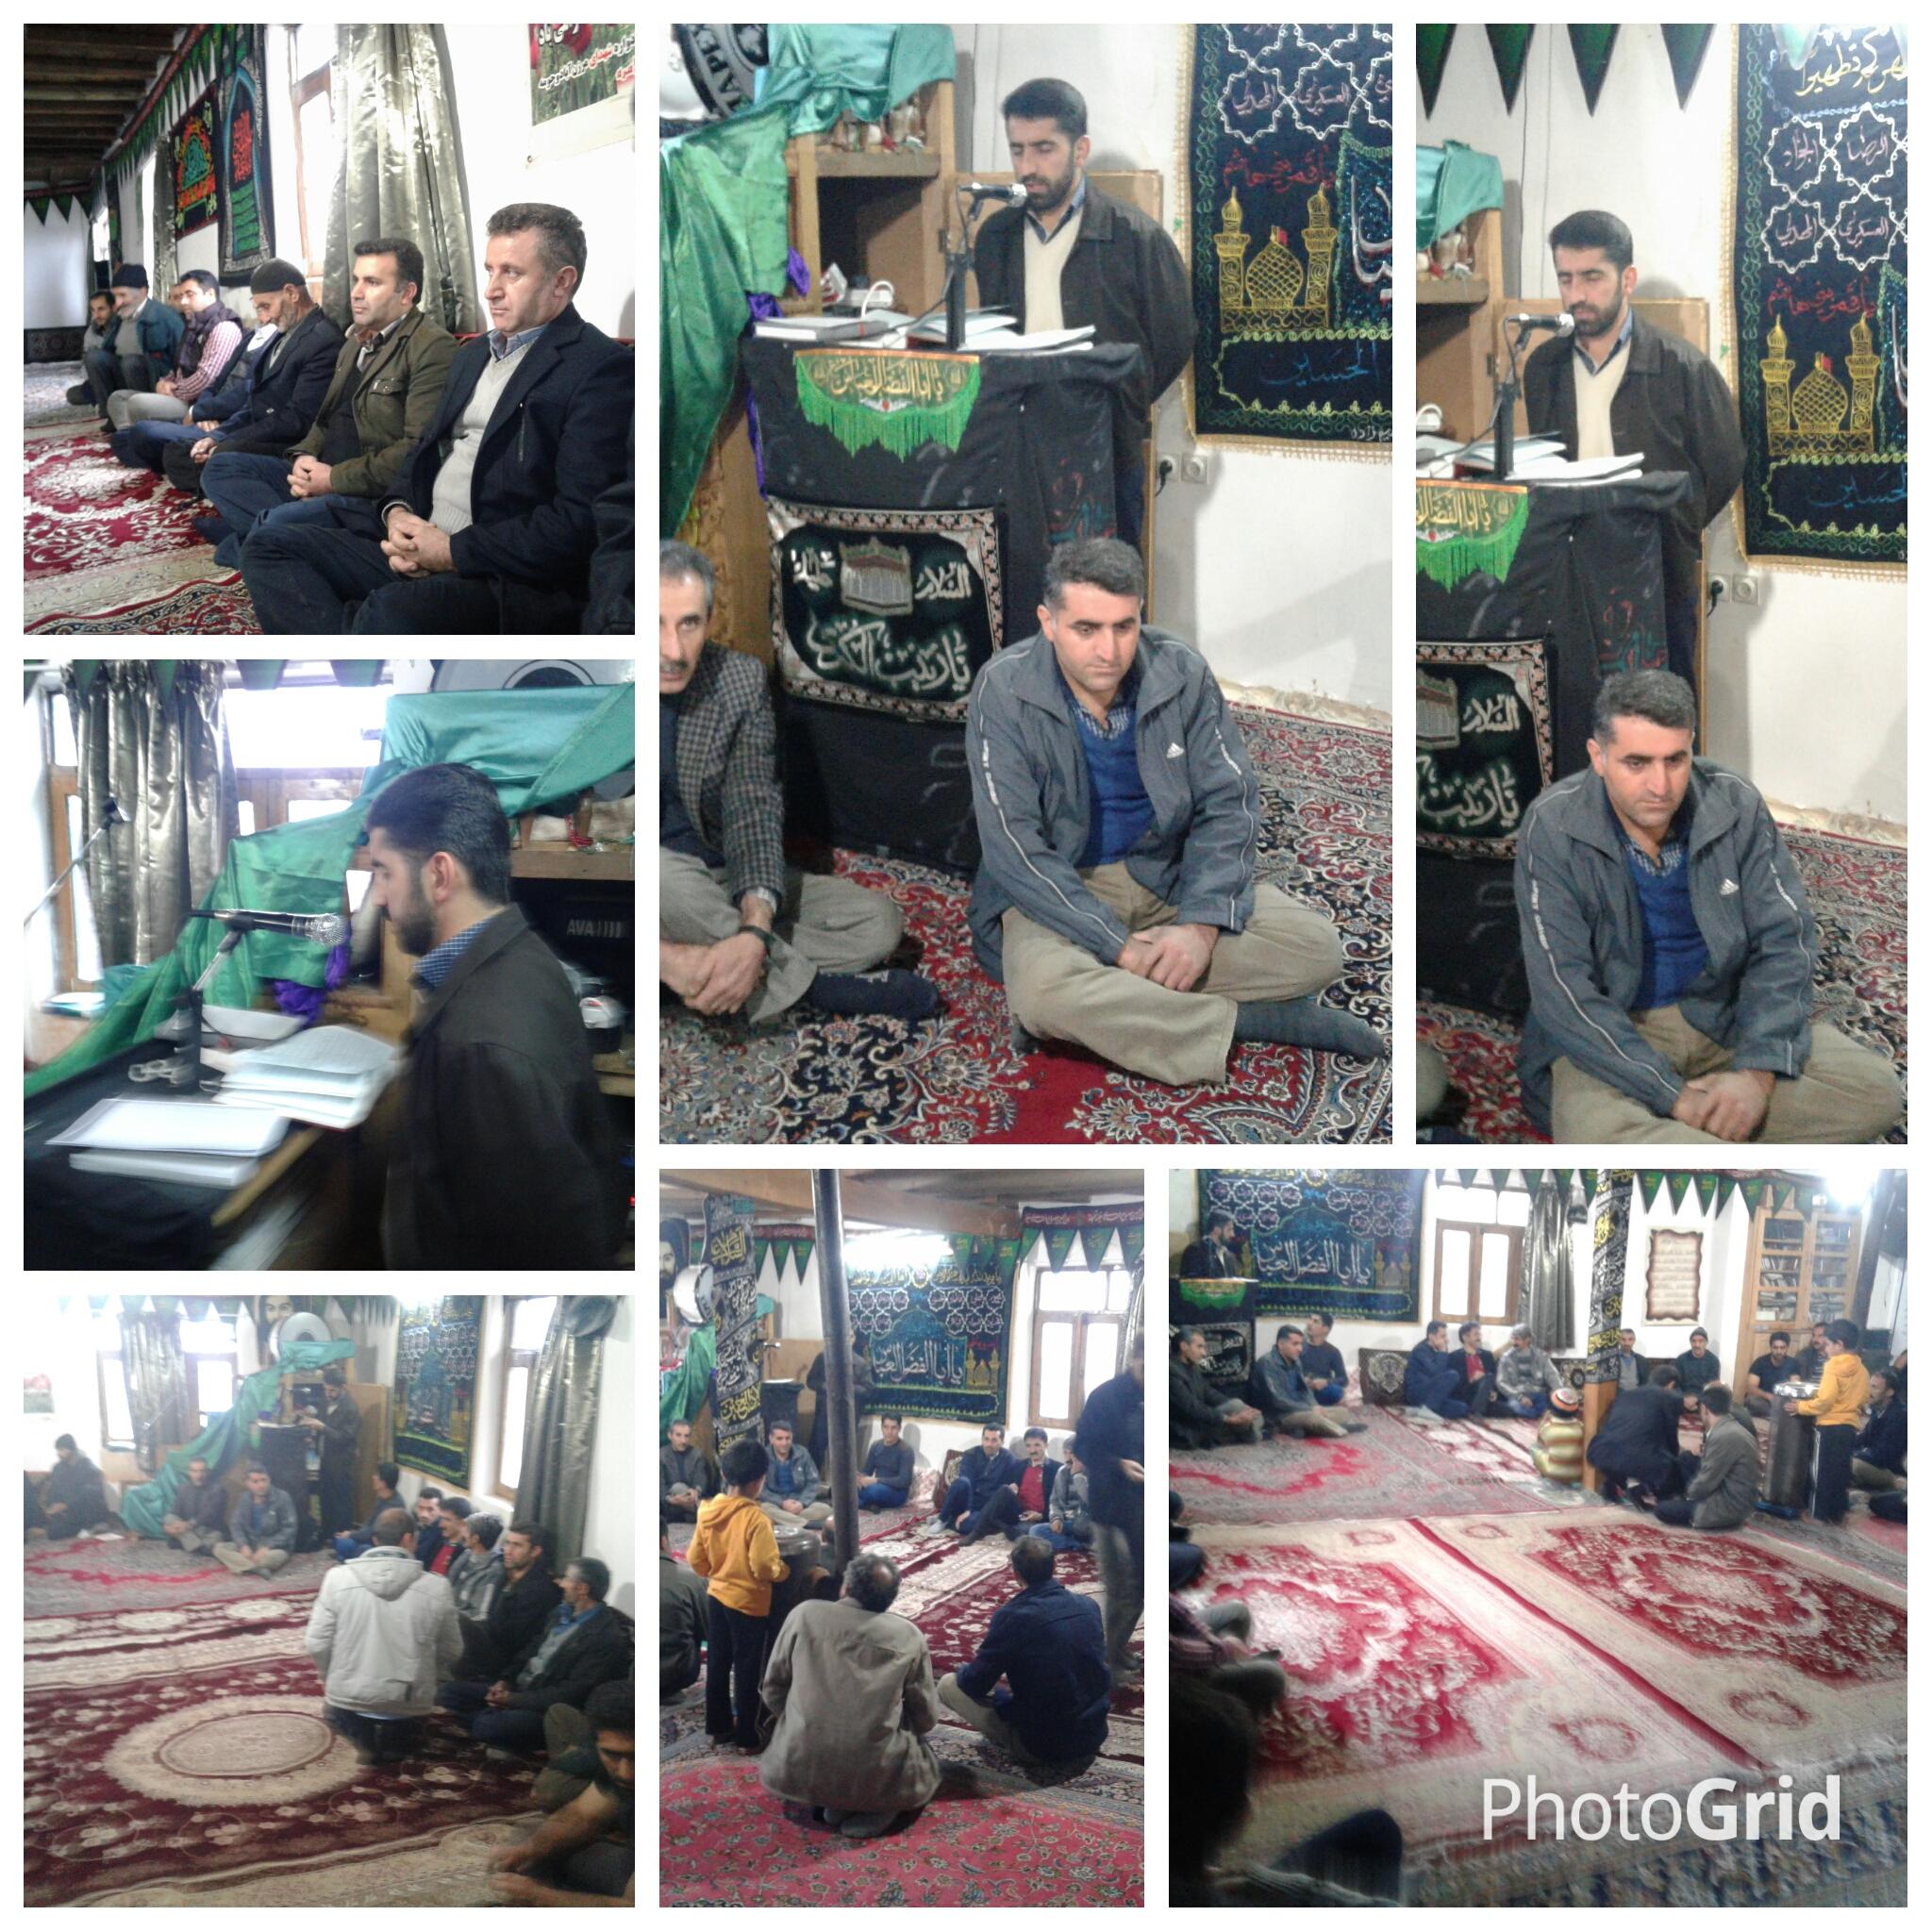 اولین جلسه ی هم اندیشی در تاریخ ۲۸/۸/۱۳۹۵در مسجد برگزار شد